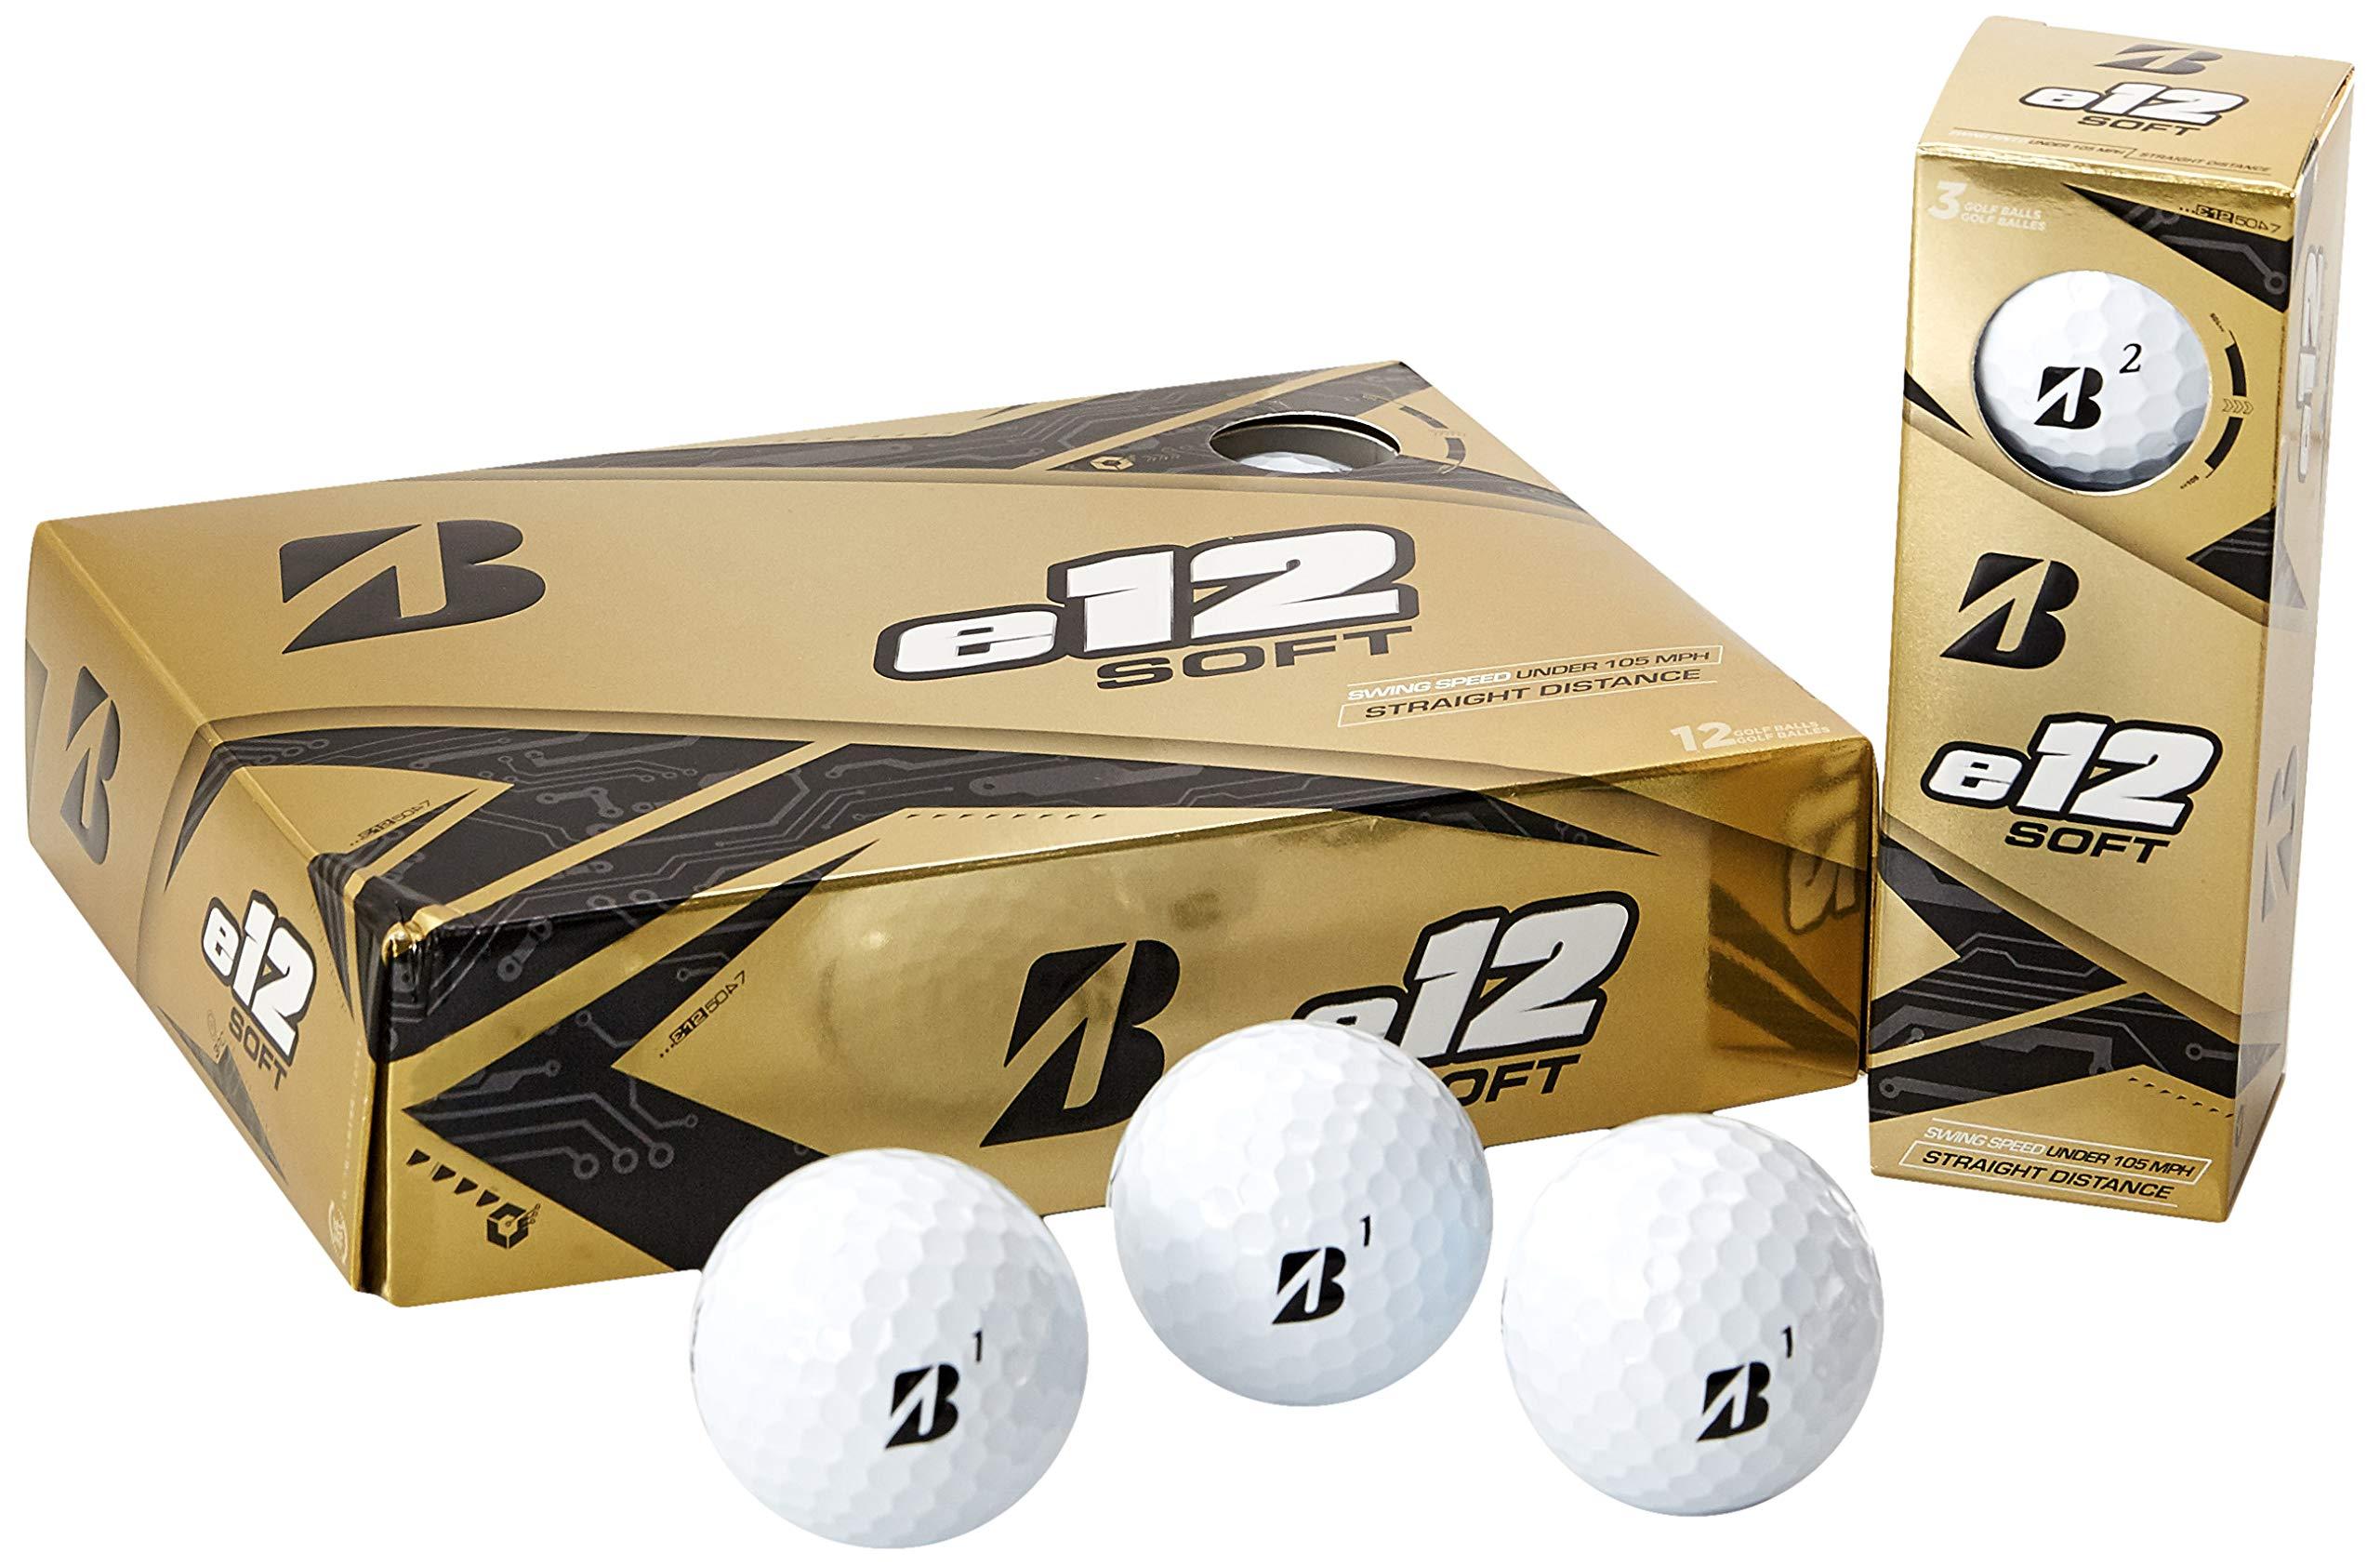 Bridgestone Golf e12 Soft Golf Balls, White (One Dozen) by Bridgestone Golf